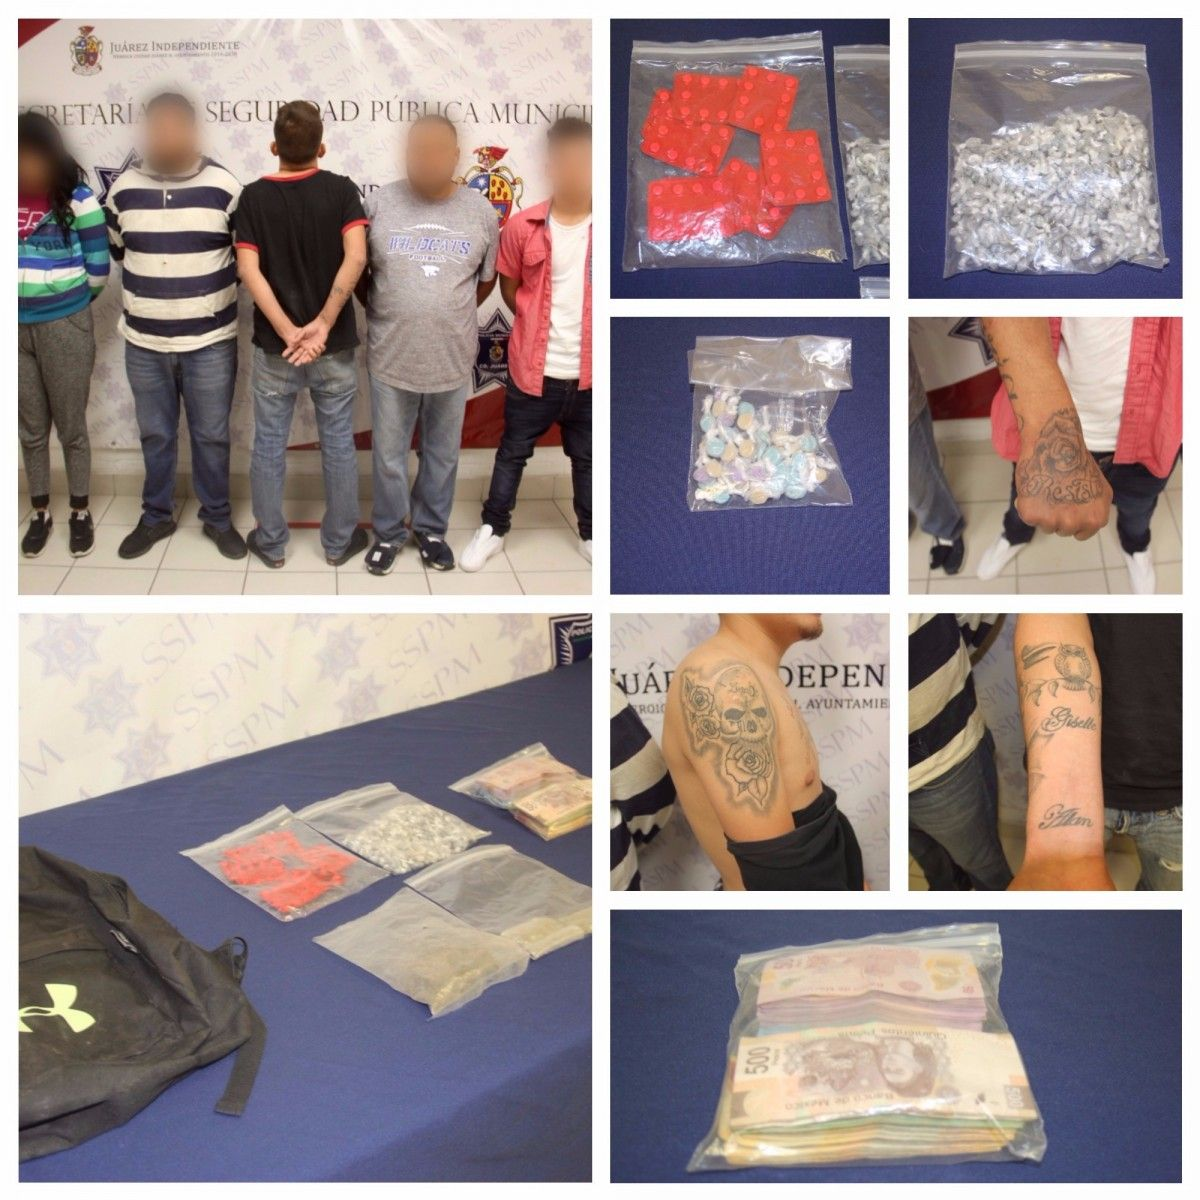 Aseguró la SSPM de Juárez más de 750 dosis de heroína, 90 de Clonazepam y 44 de éxtasis al detener a célula de los Aztecas | El Puntero